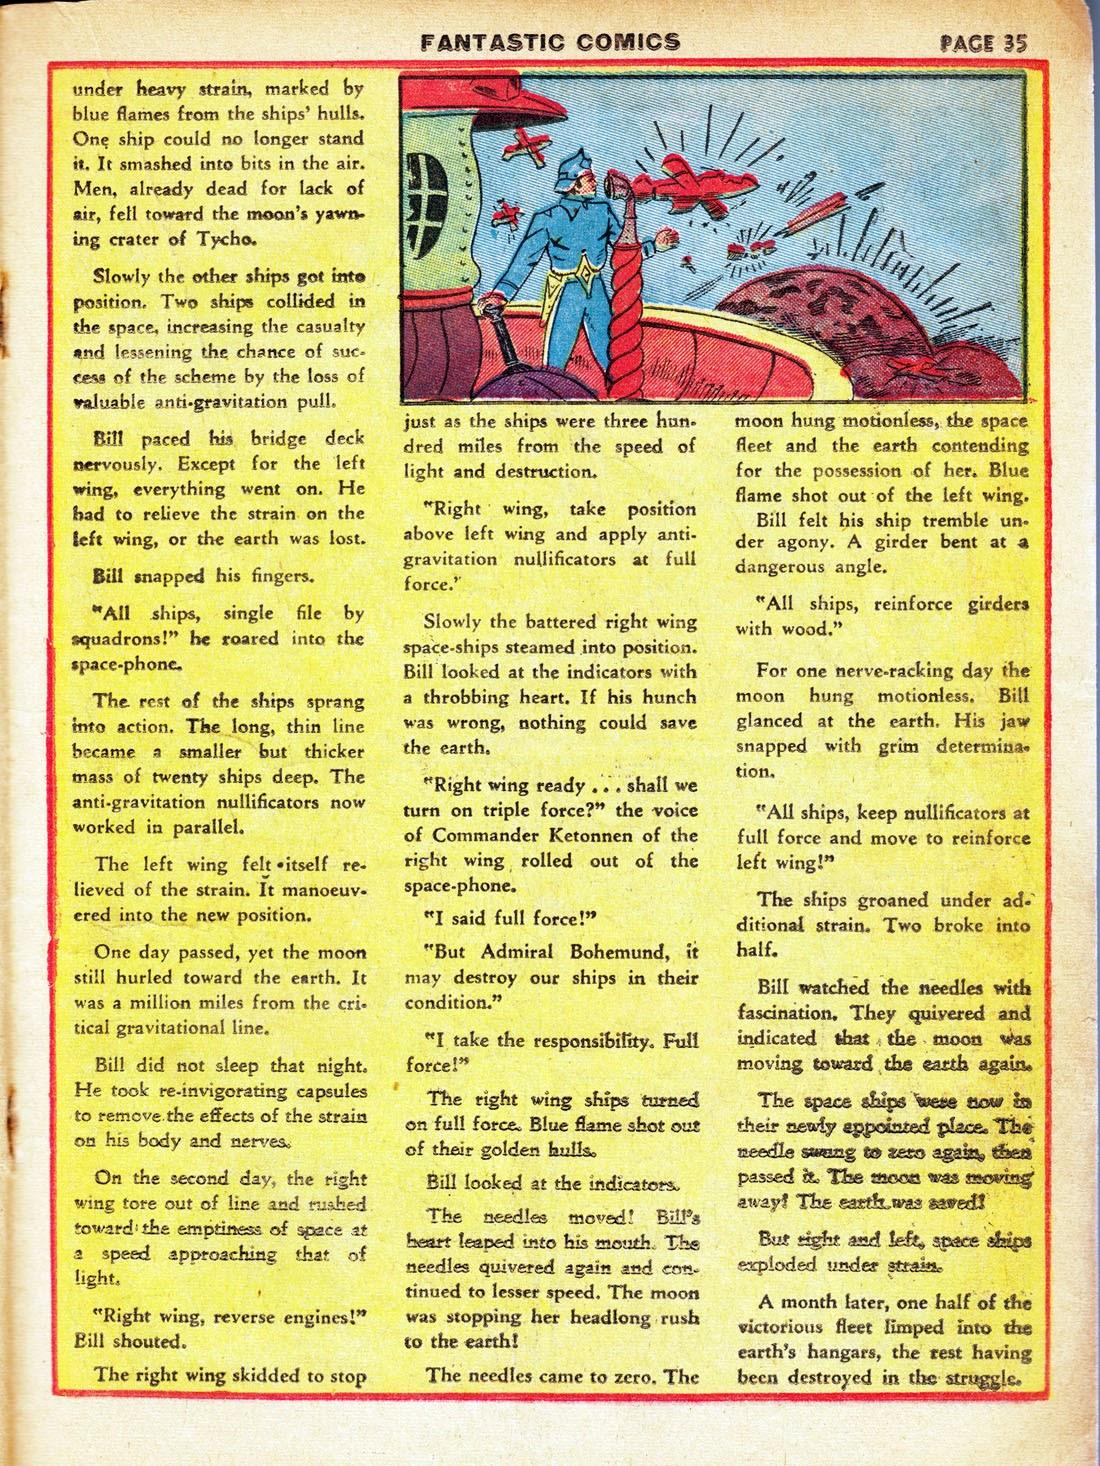 Read online Fantastic Comics comic -  Issue #7 - 37